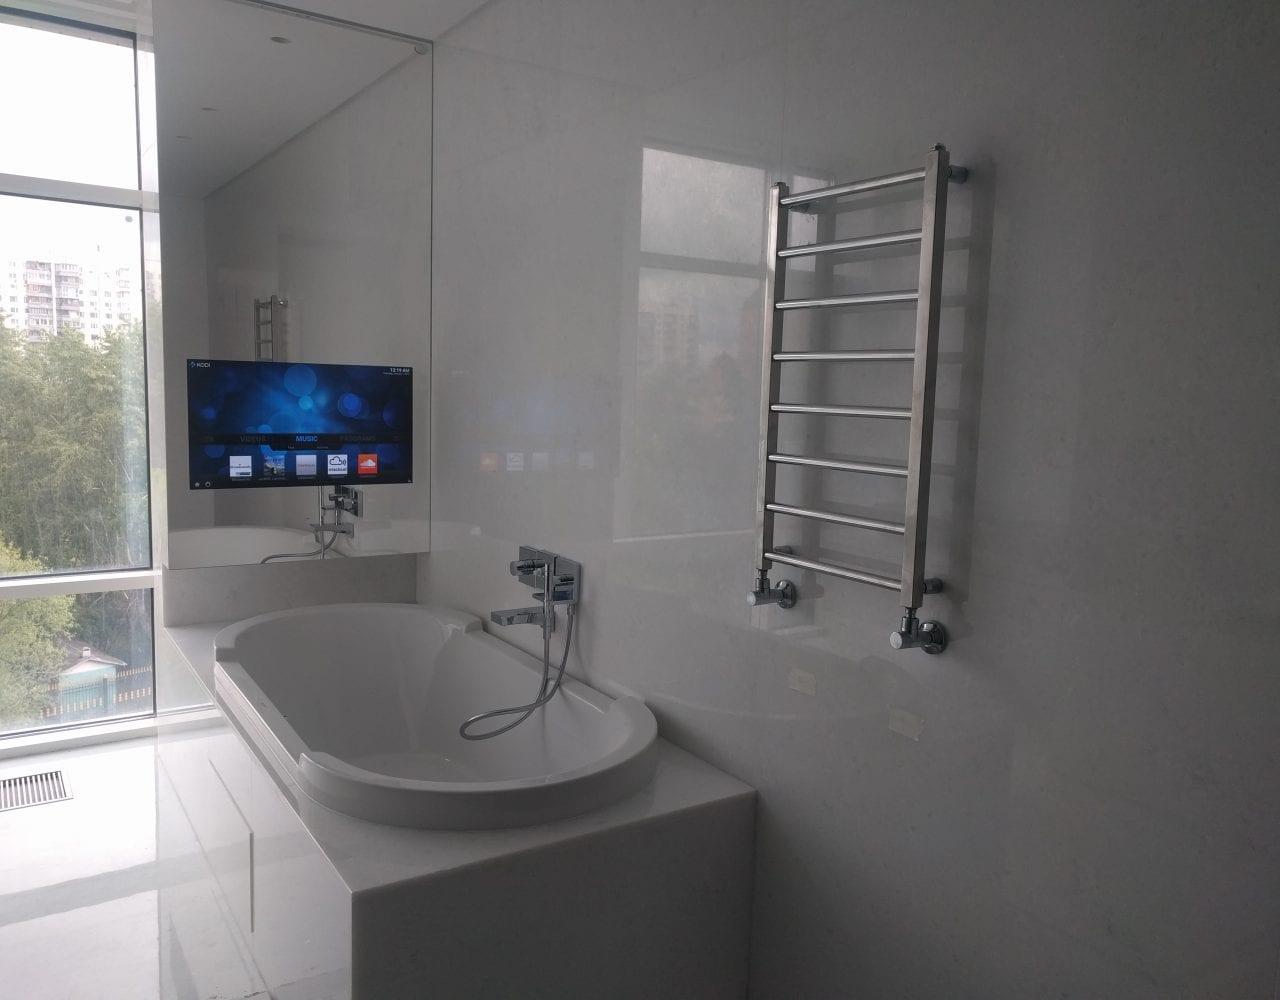 Влагостойкий зеркальный телевизор встроенный в стену в ванной комнате